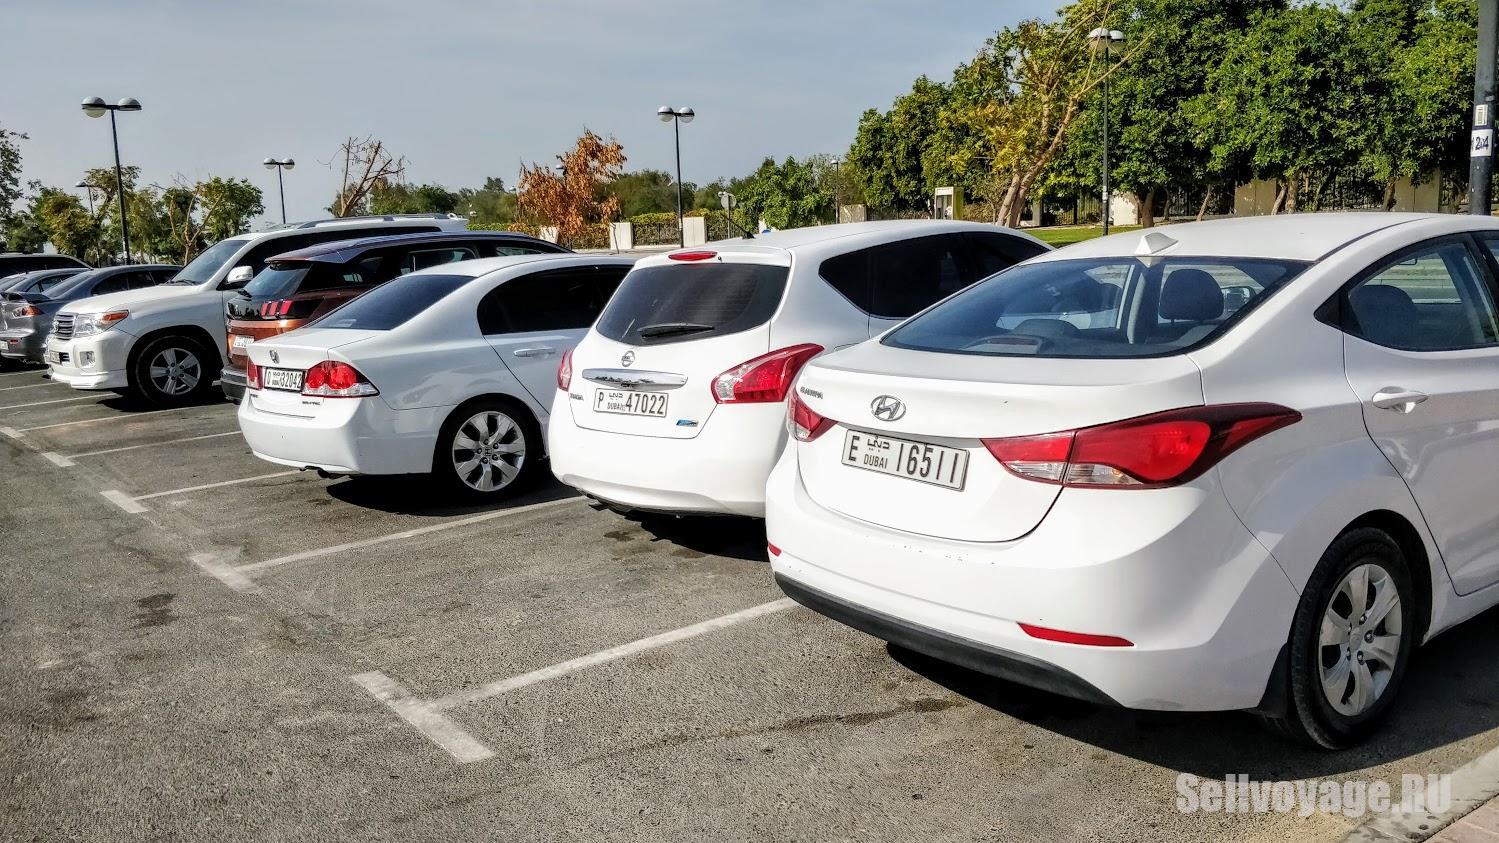 Машины на парковке в Дубае